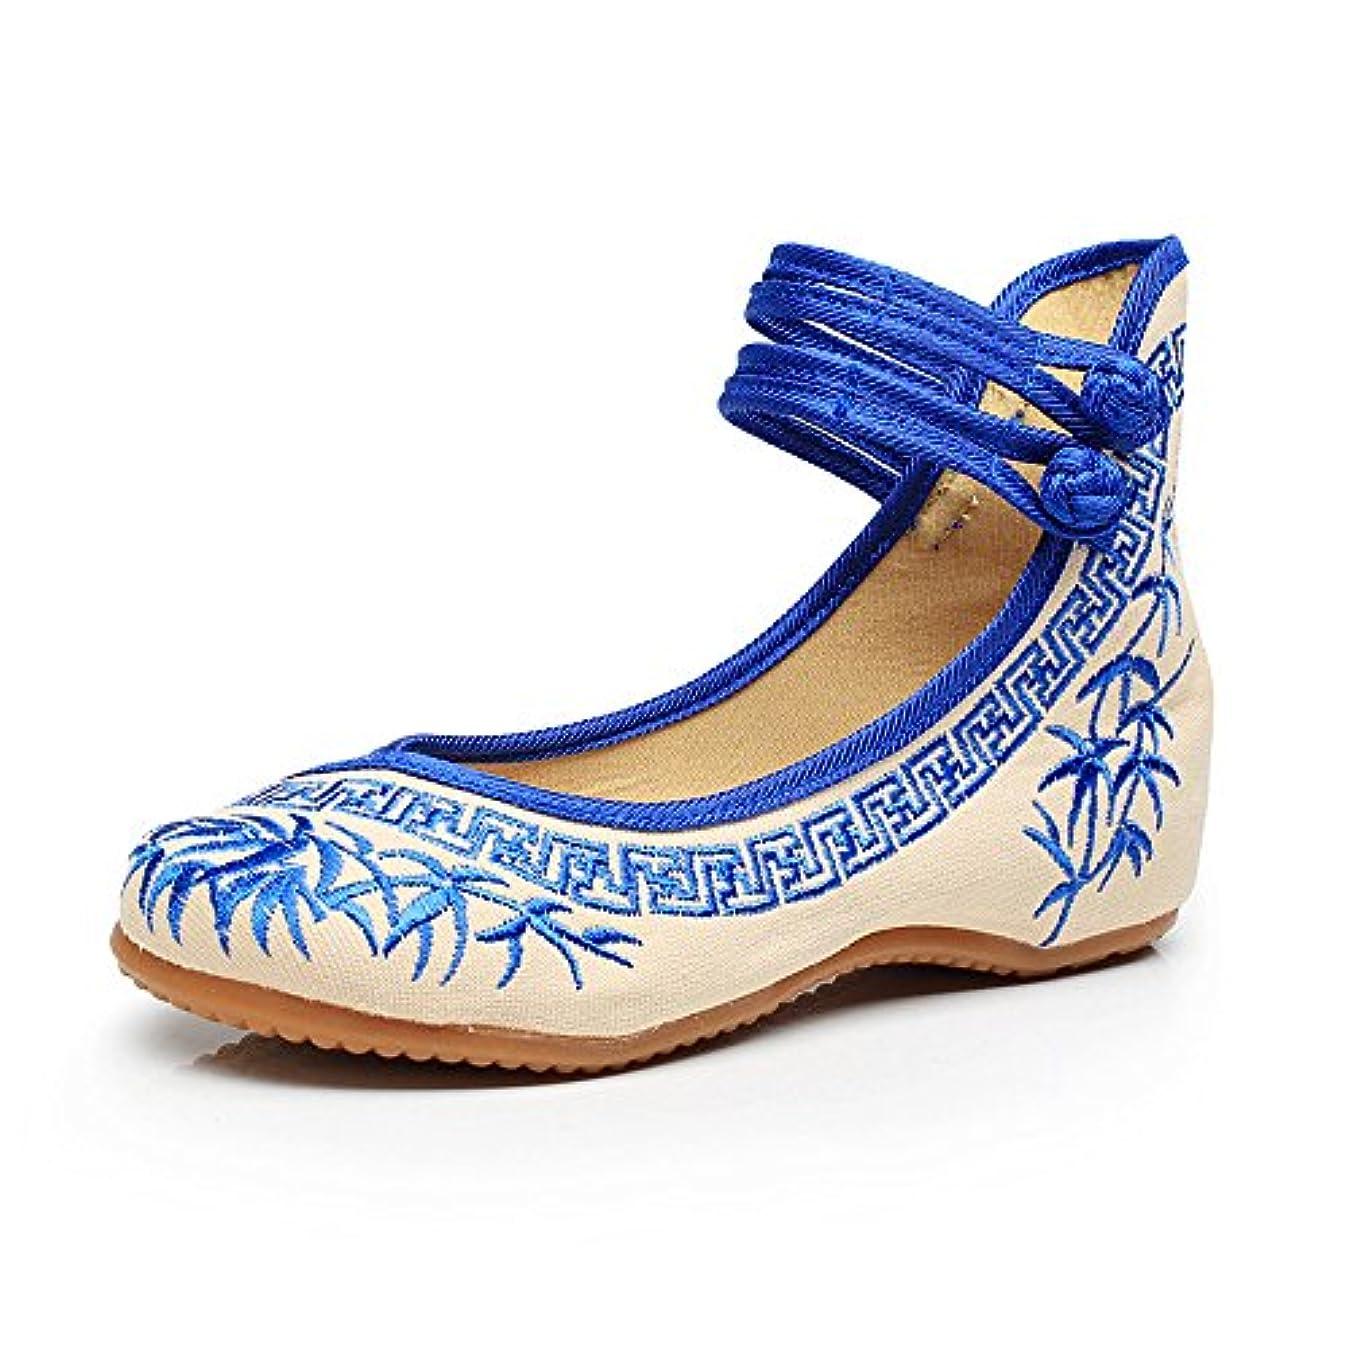 男公平な肥料[Fanwer] 竹刺繍女性の靴中国のカジュアルなフラットソールメアリーJanes靴